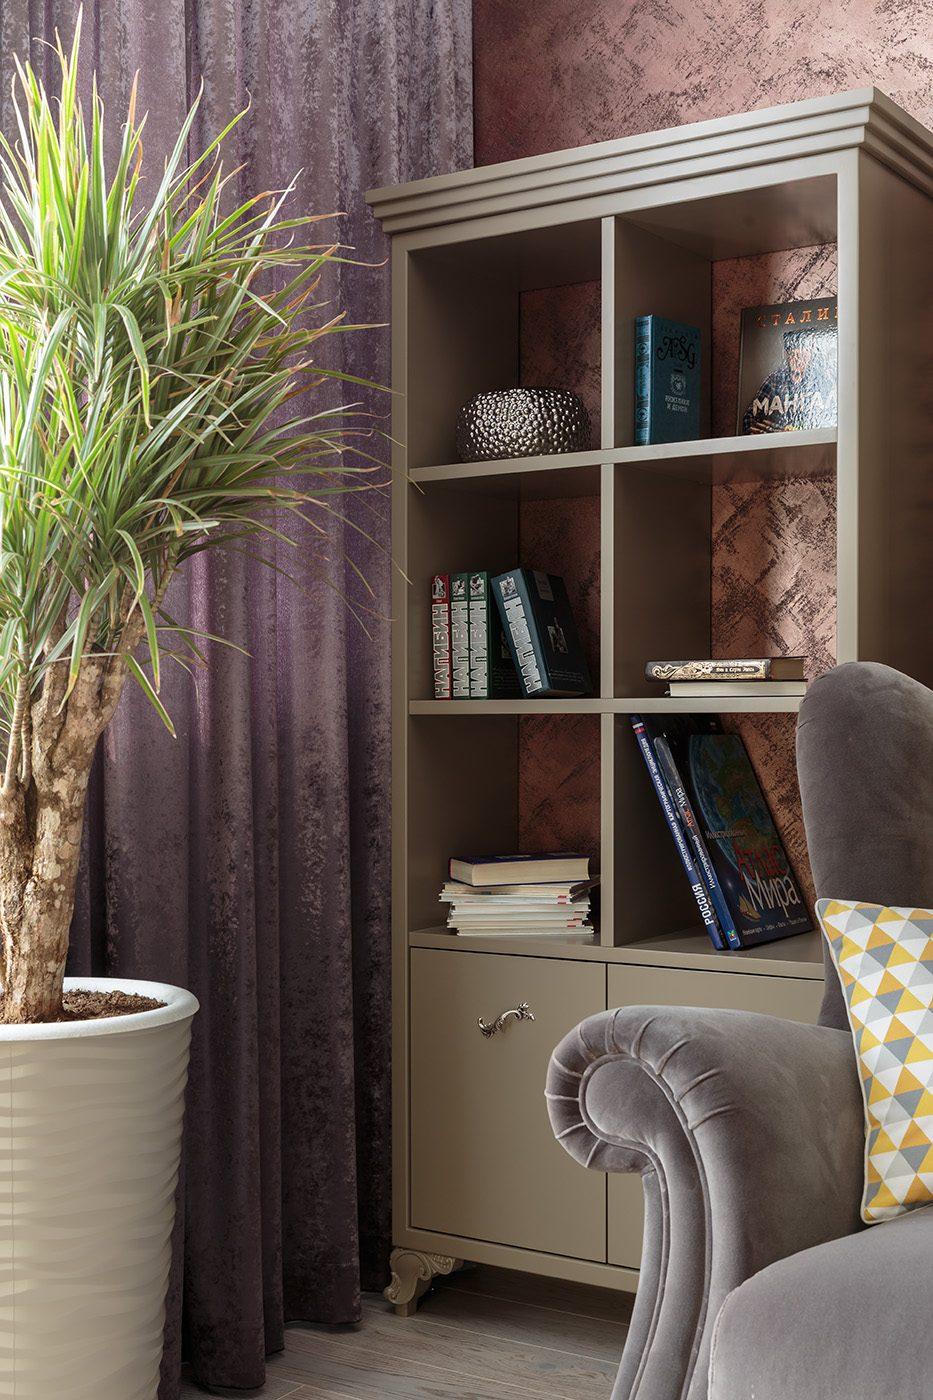 Дизайн интерьера спальни с дизайнерской мебелью